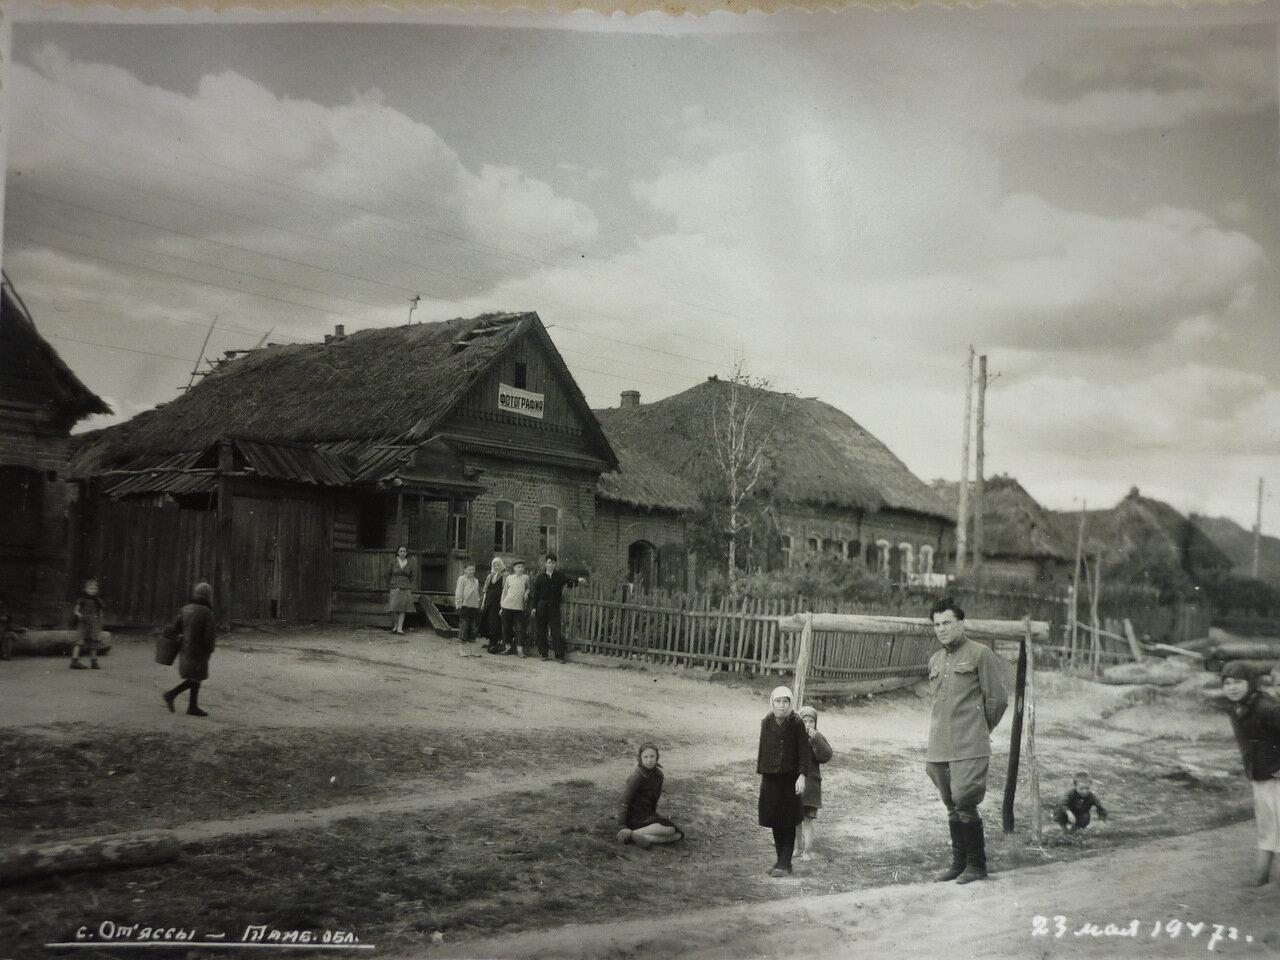 Село Отъяссы. Тамбовская область. 1947 г.